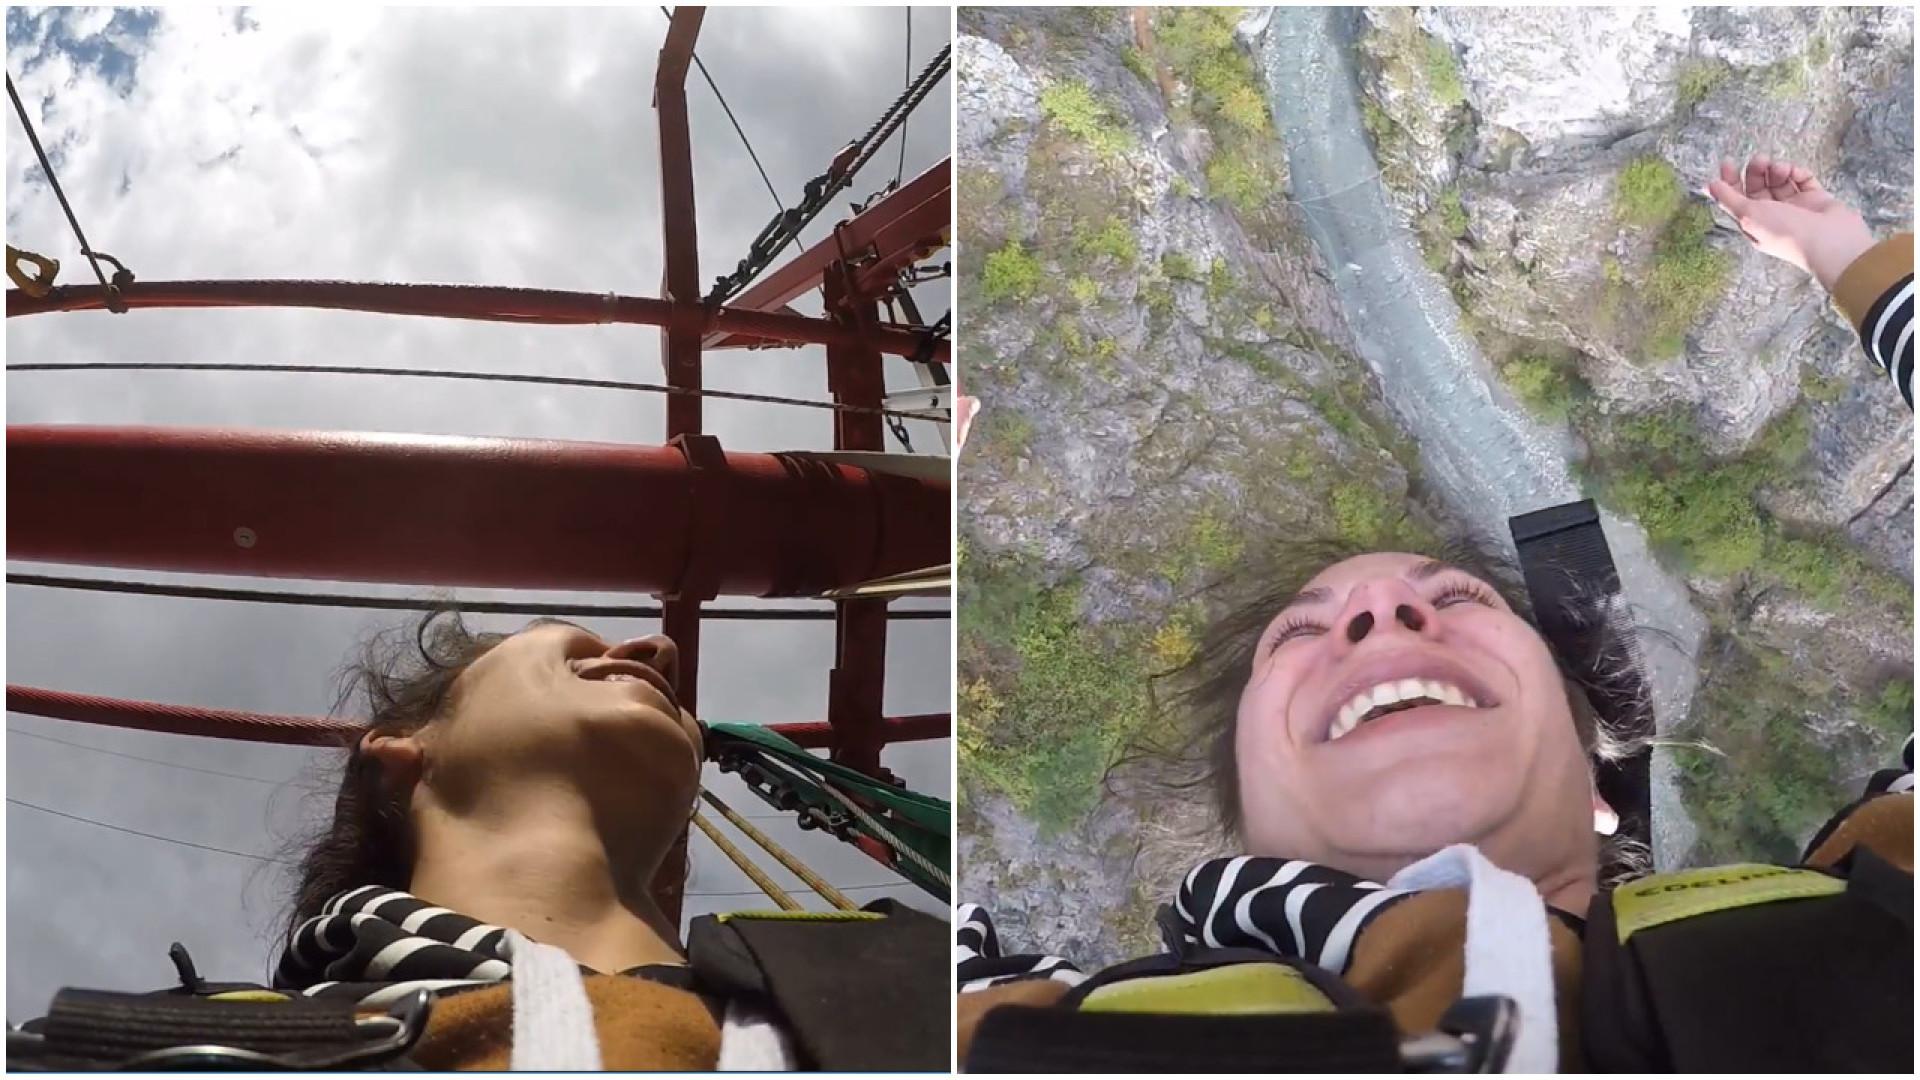 Jovem salta de bungee jumping pela primeira vez e registra momento